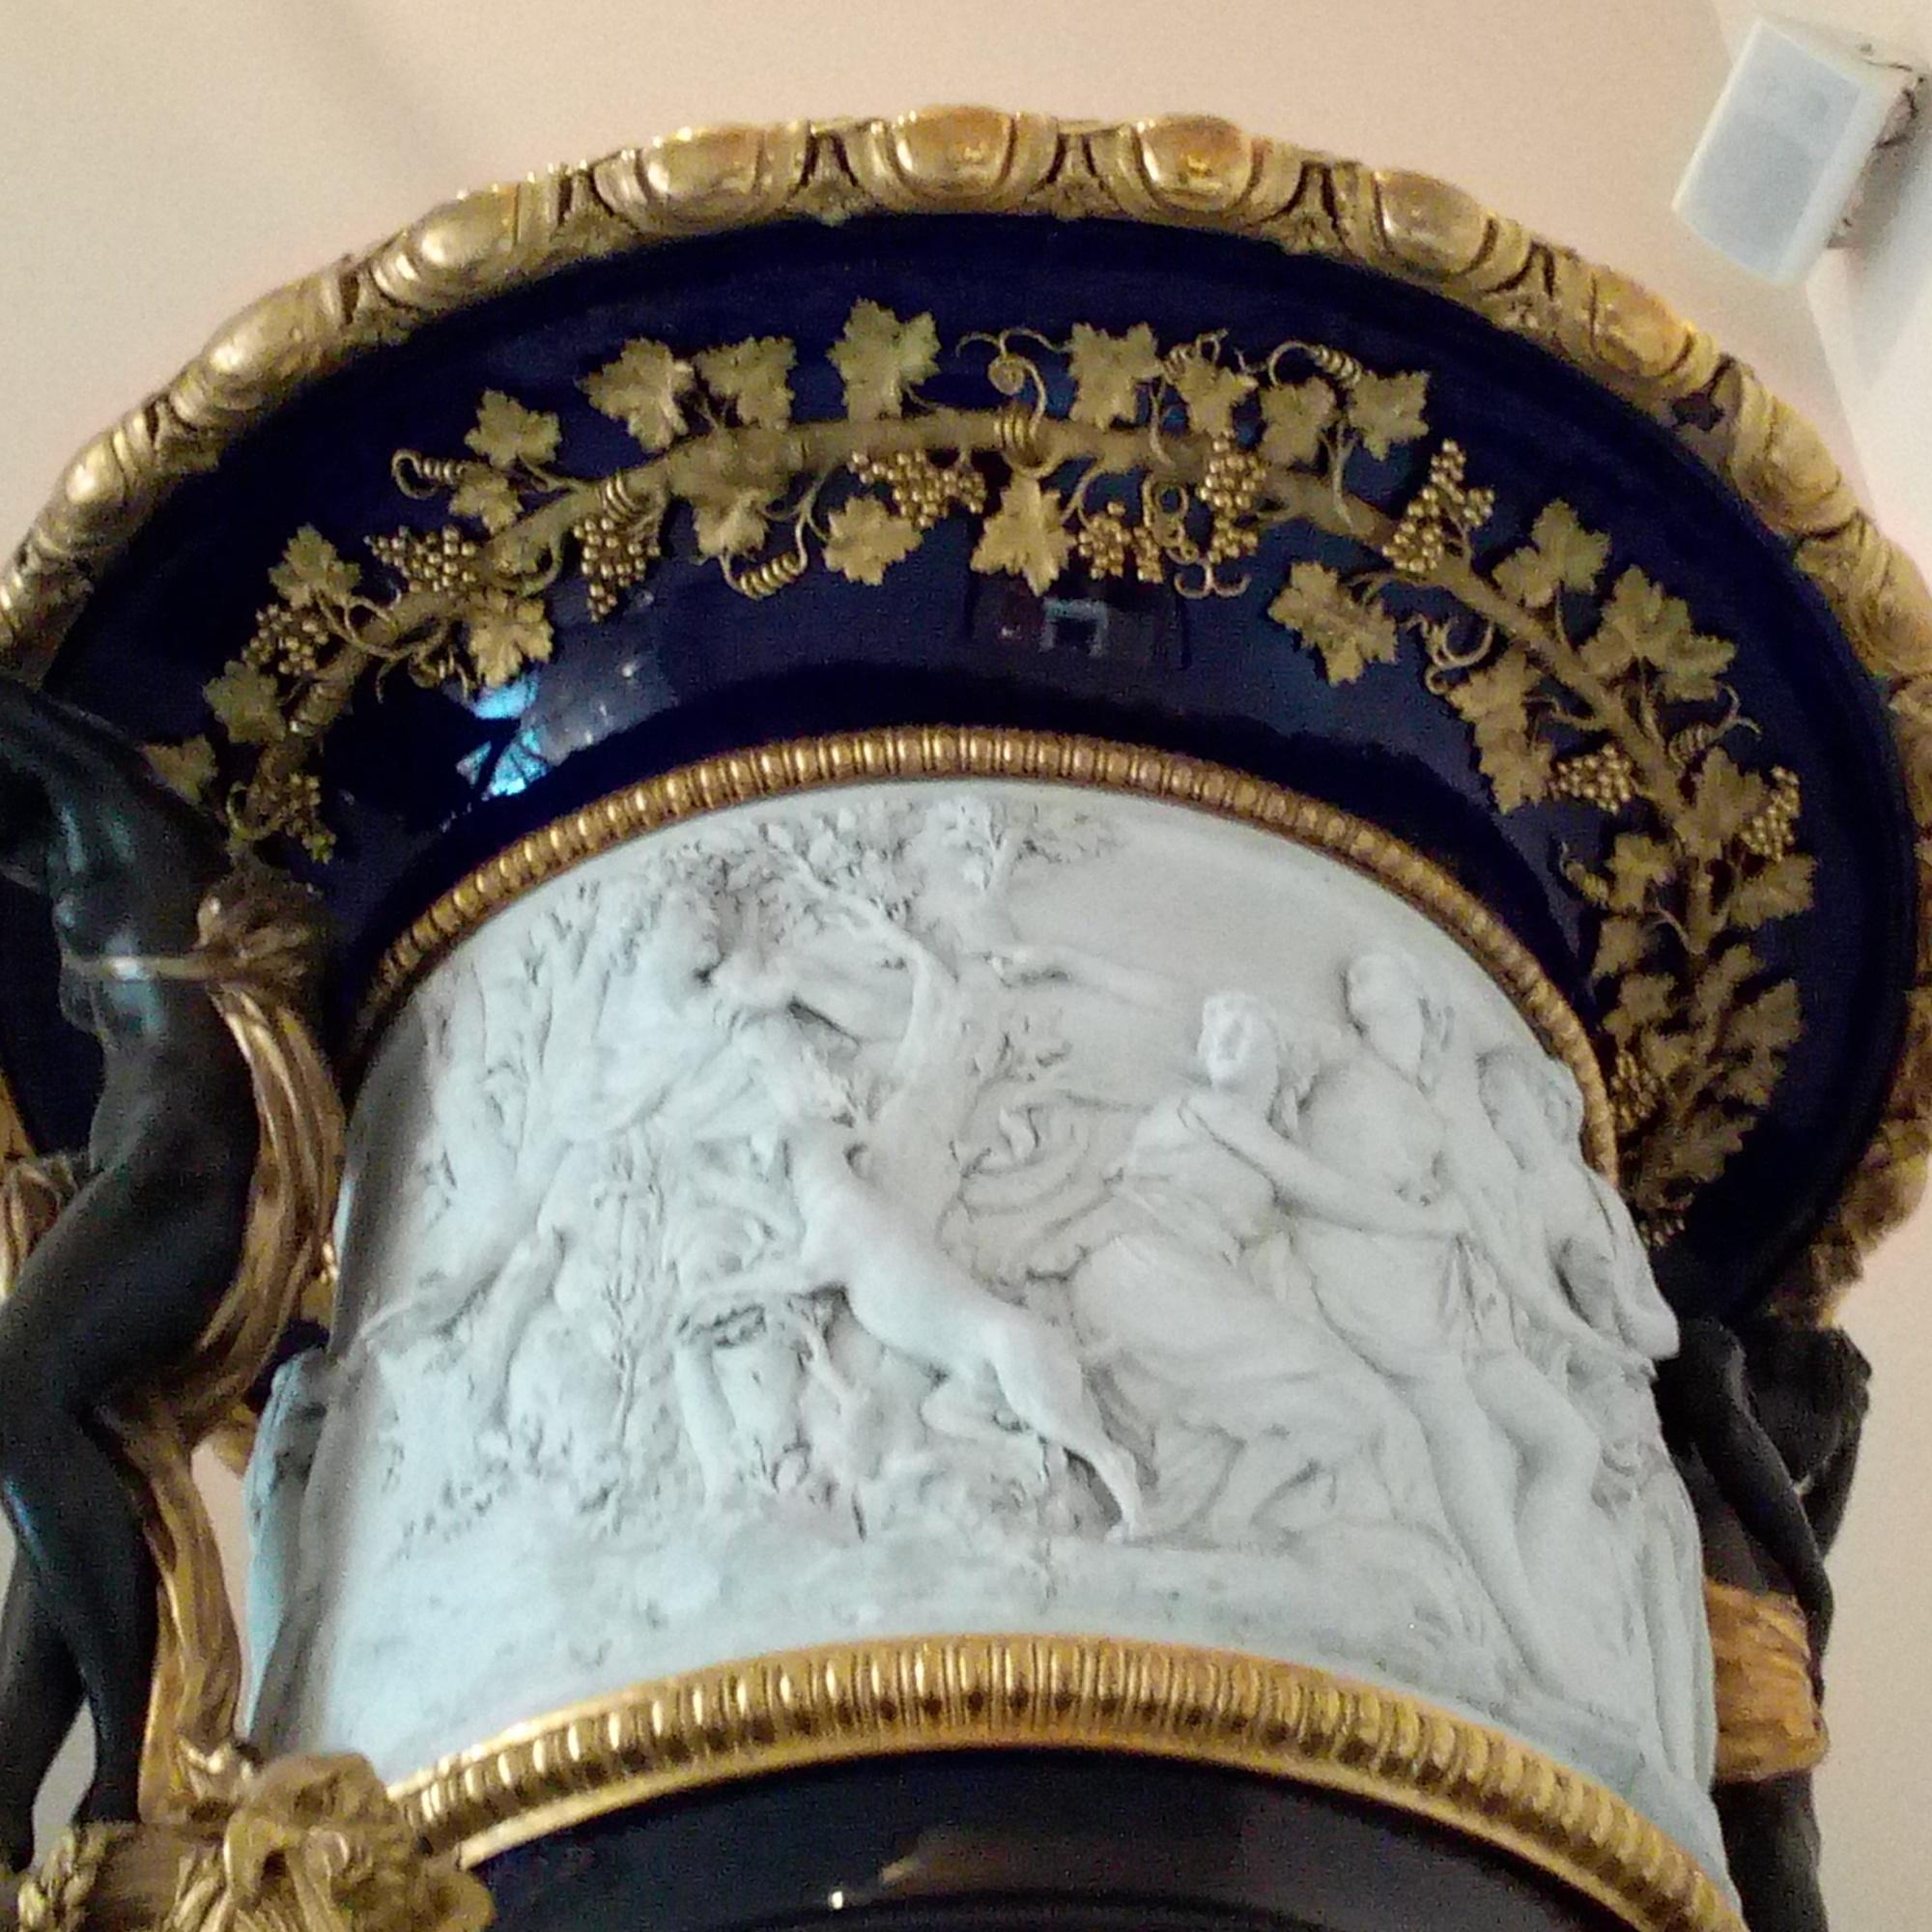 Grand Vase à fond beau bleu dit aussi Grand Vase Medicis Louvre